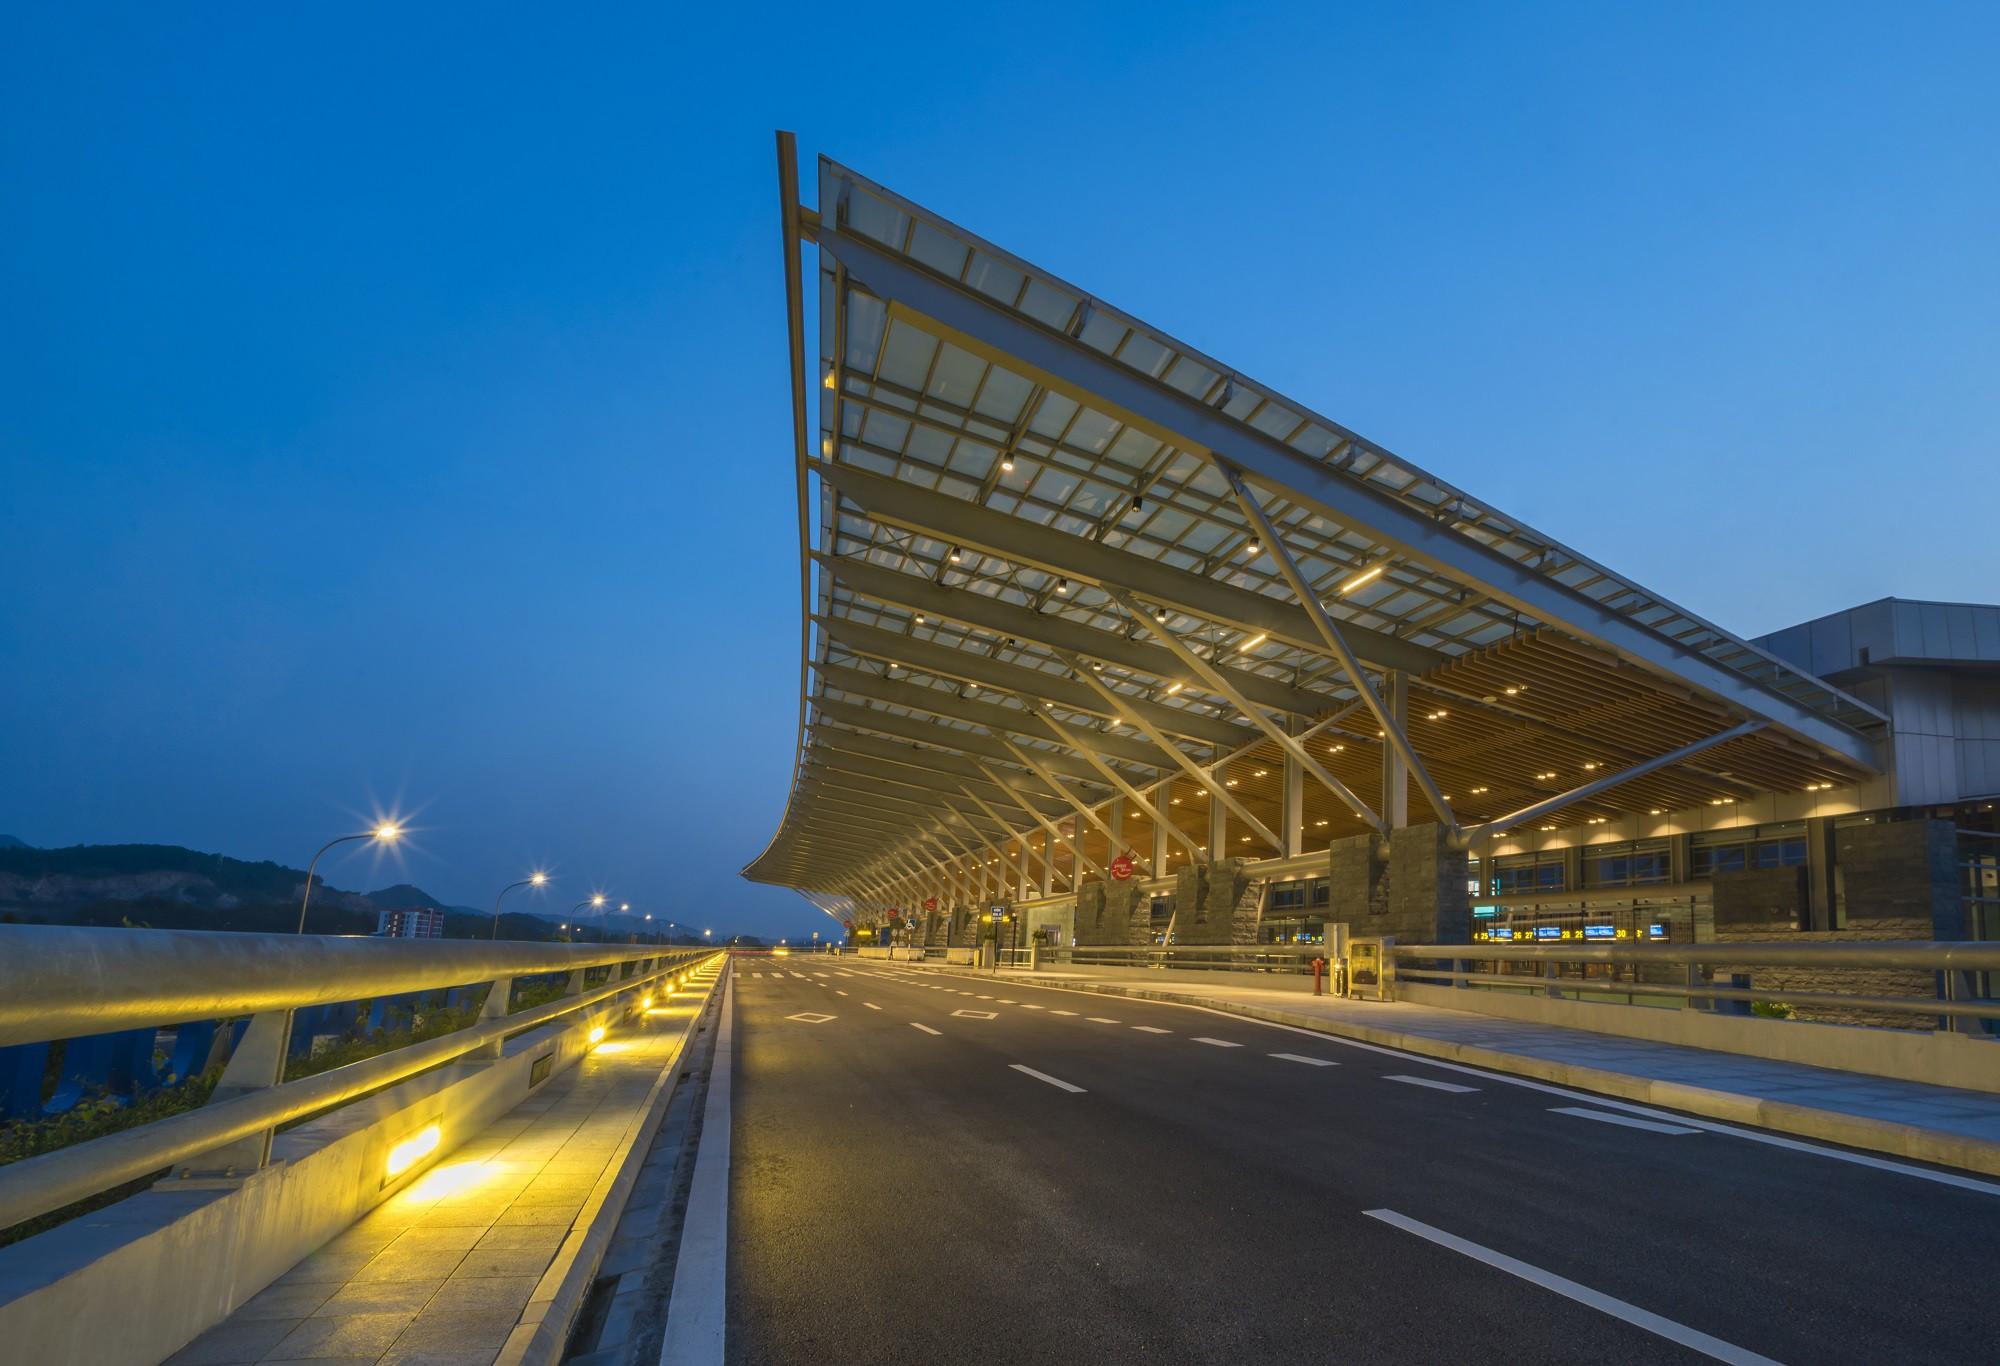 Sảnh đón sân bay Vân Đồn mang biểu tượng cánh buồm gắn liền với vùng đất Quảng Ninh